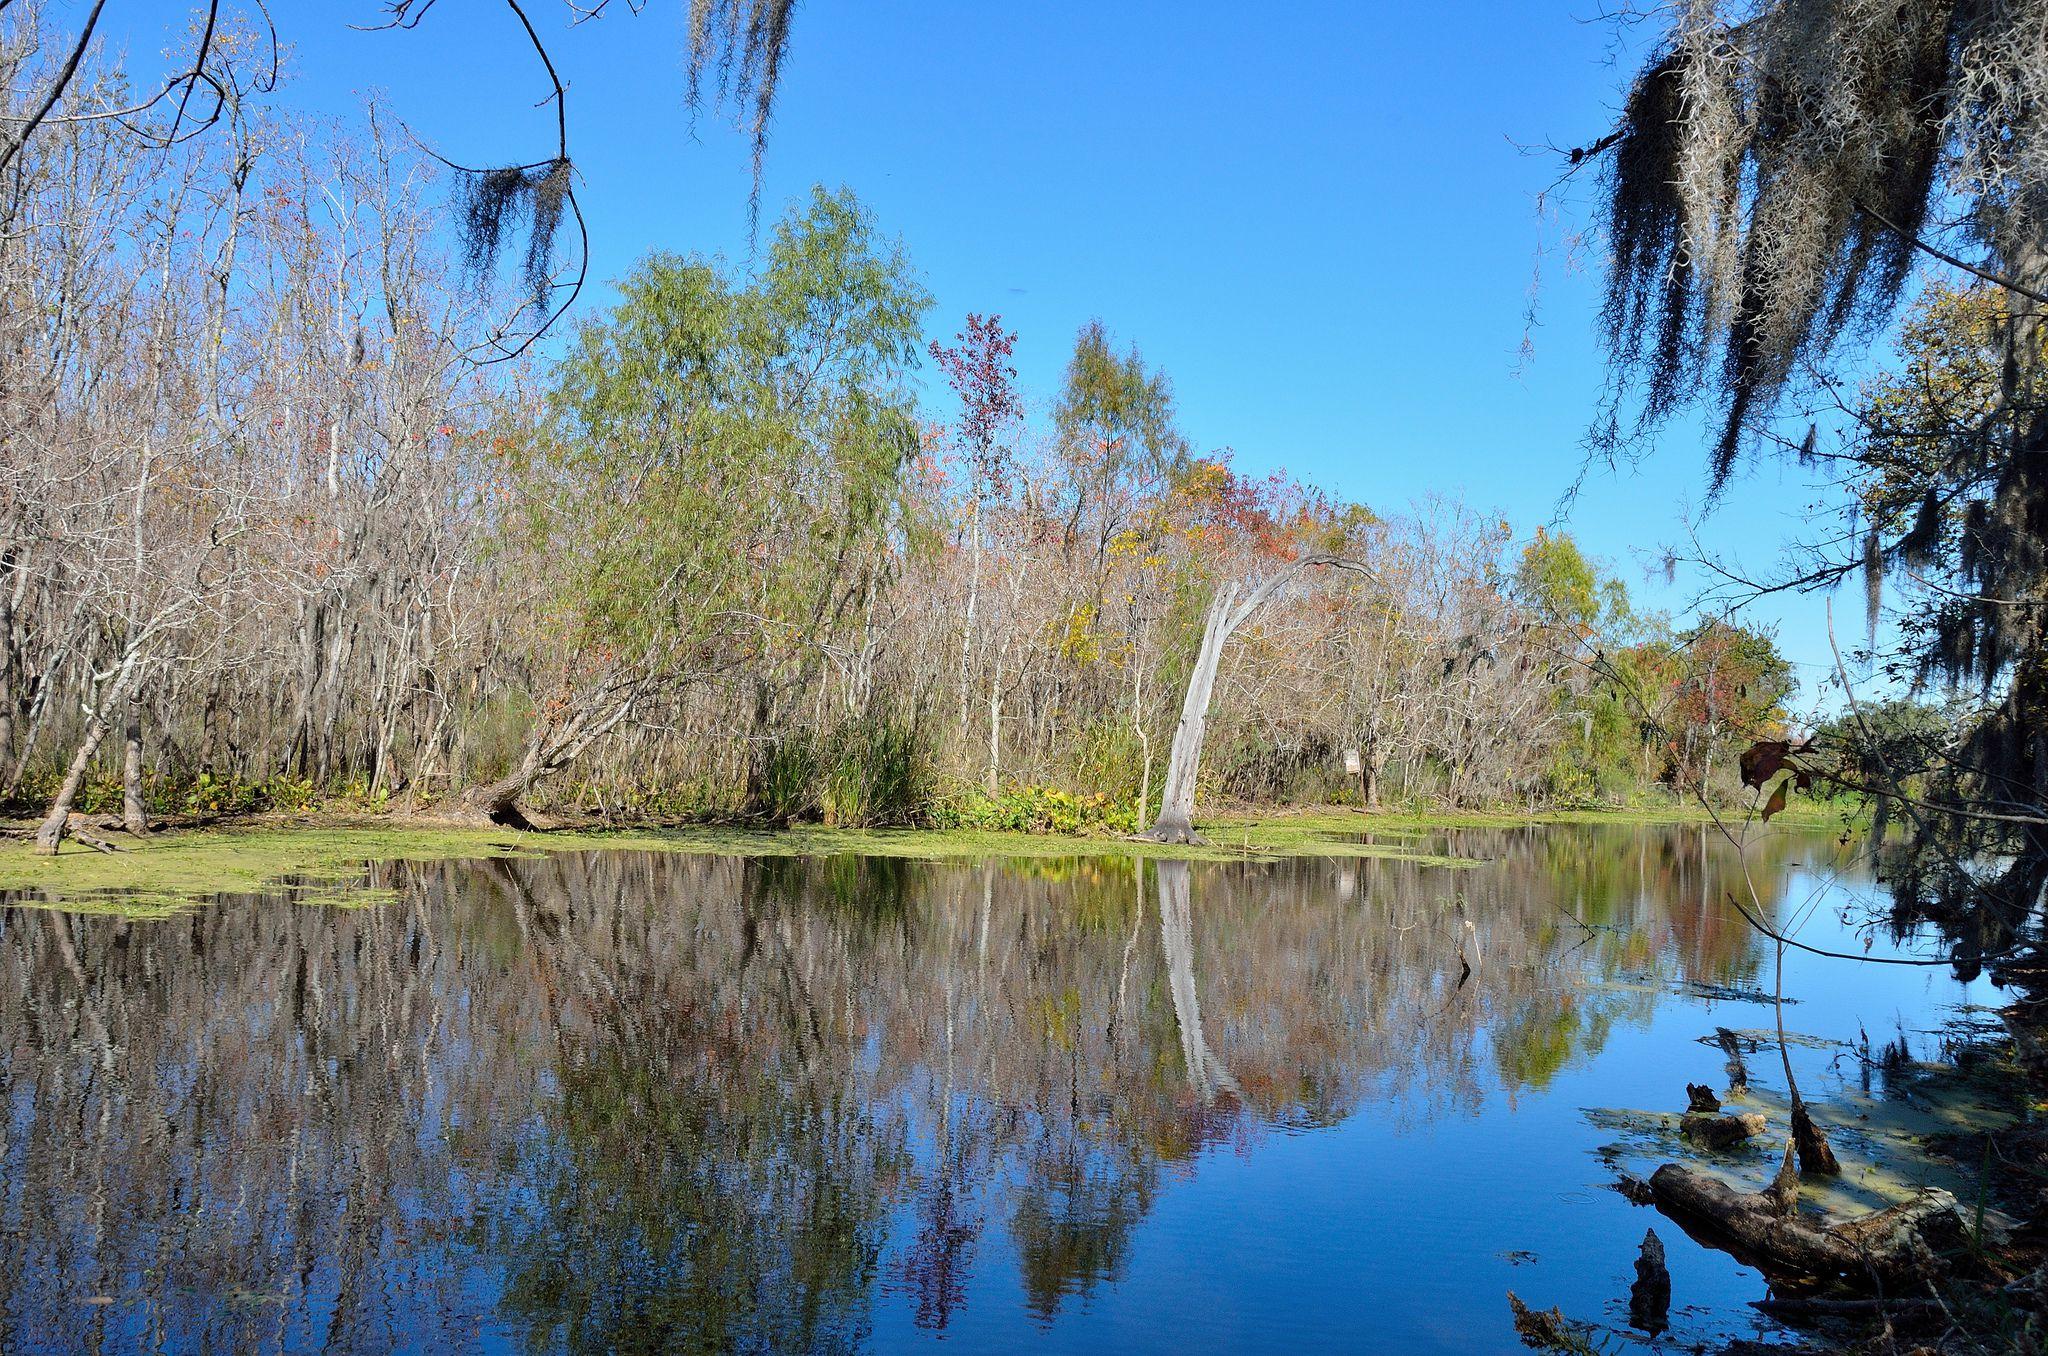 Se cree que más de 250 caimanes de más de seis pies viven en el Parque Estatal Brazos Bend